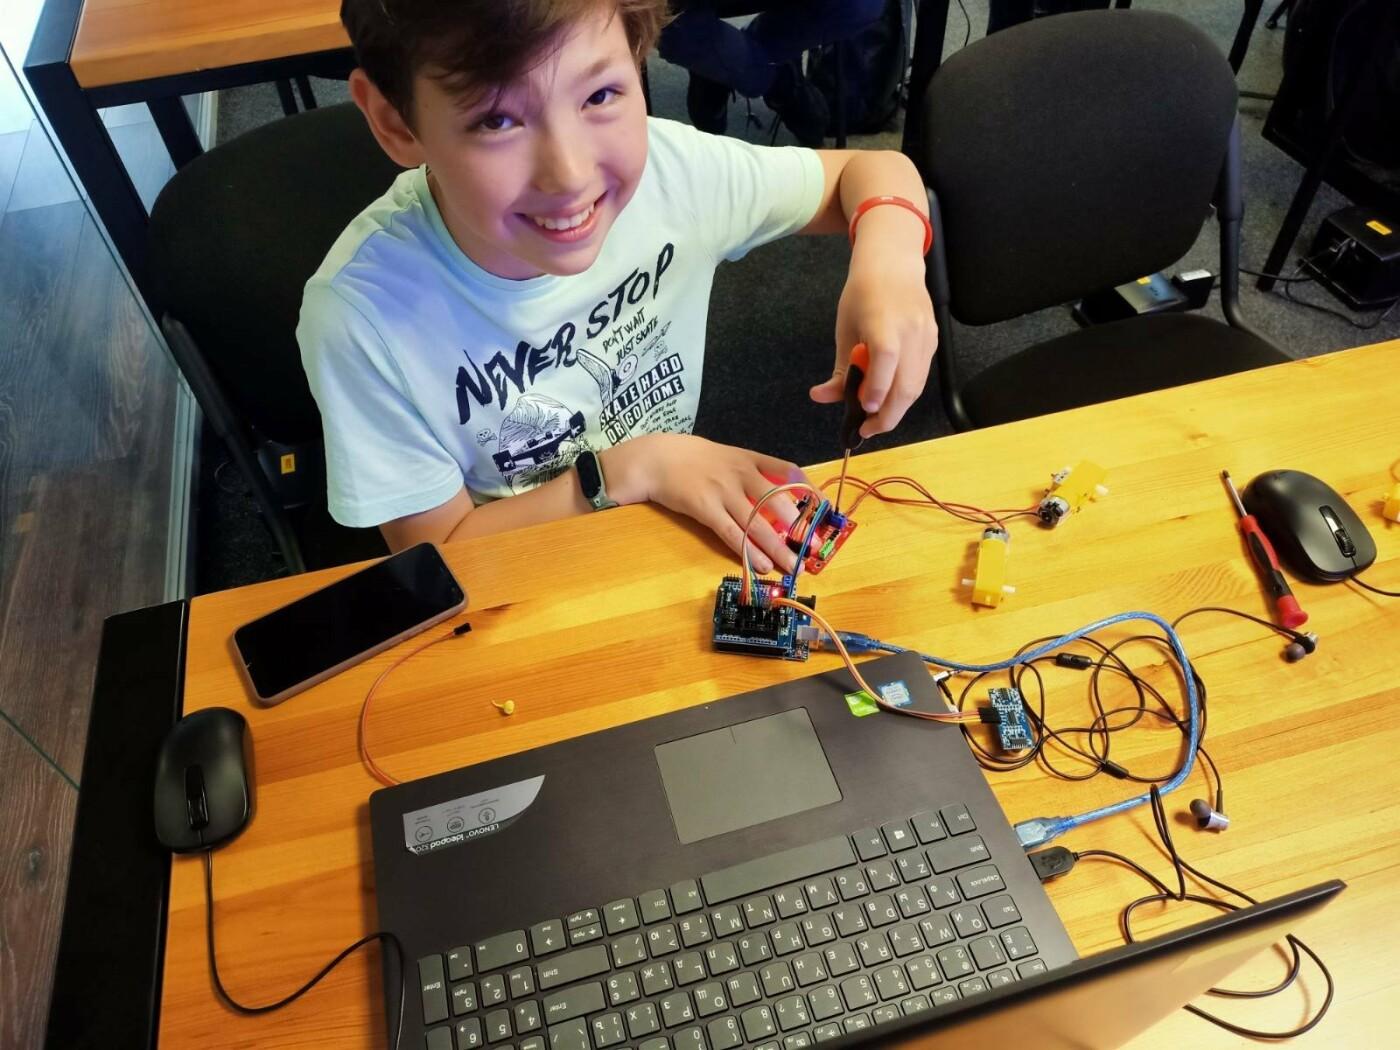 Дети просто в восторге! Обучение в IT Академии BYTE!, фото-1